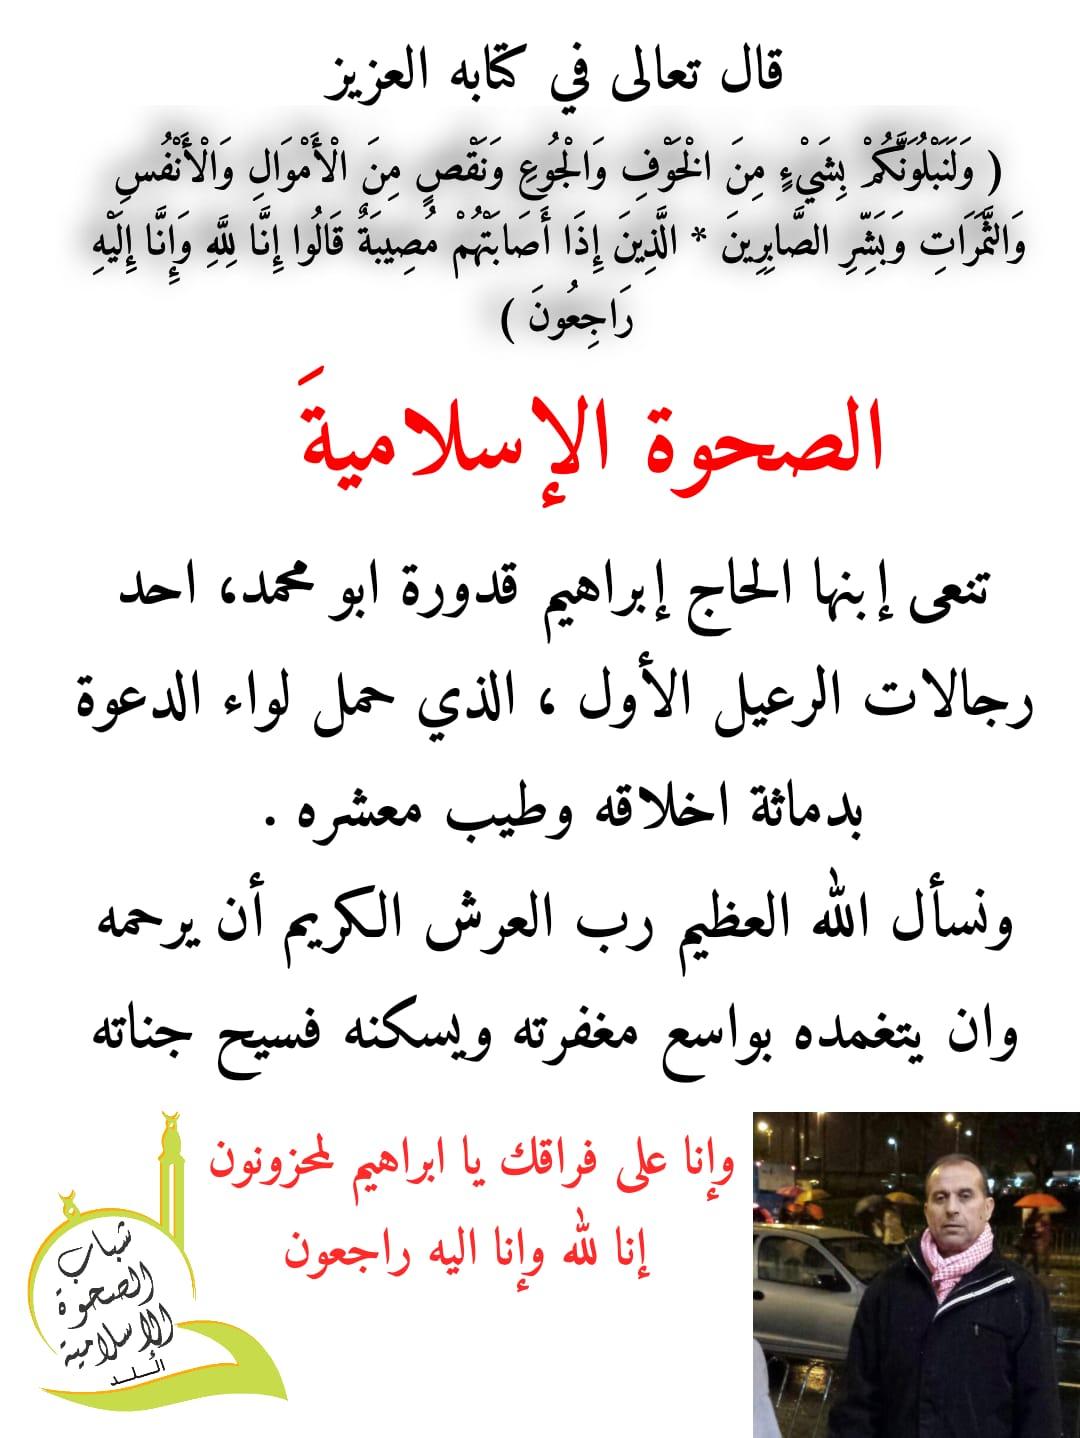 الصحوة الإسلامية في اللد تنعي الحاج ابراهيم قدورة أبو محمد